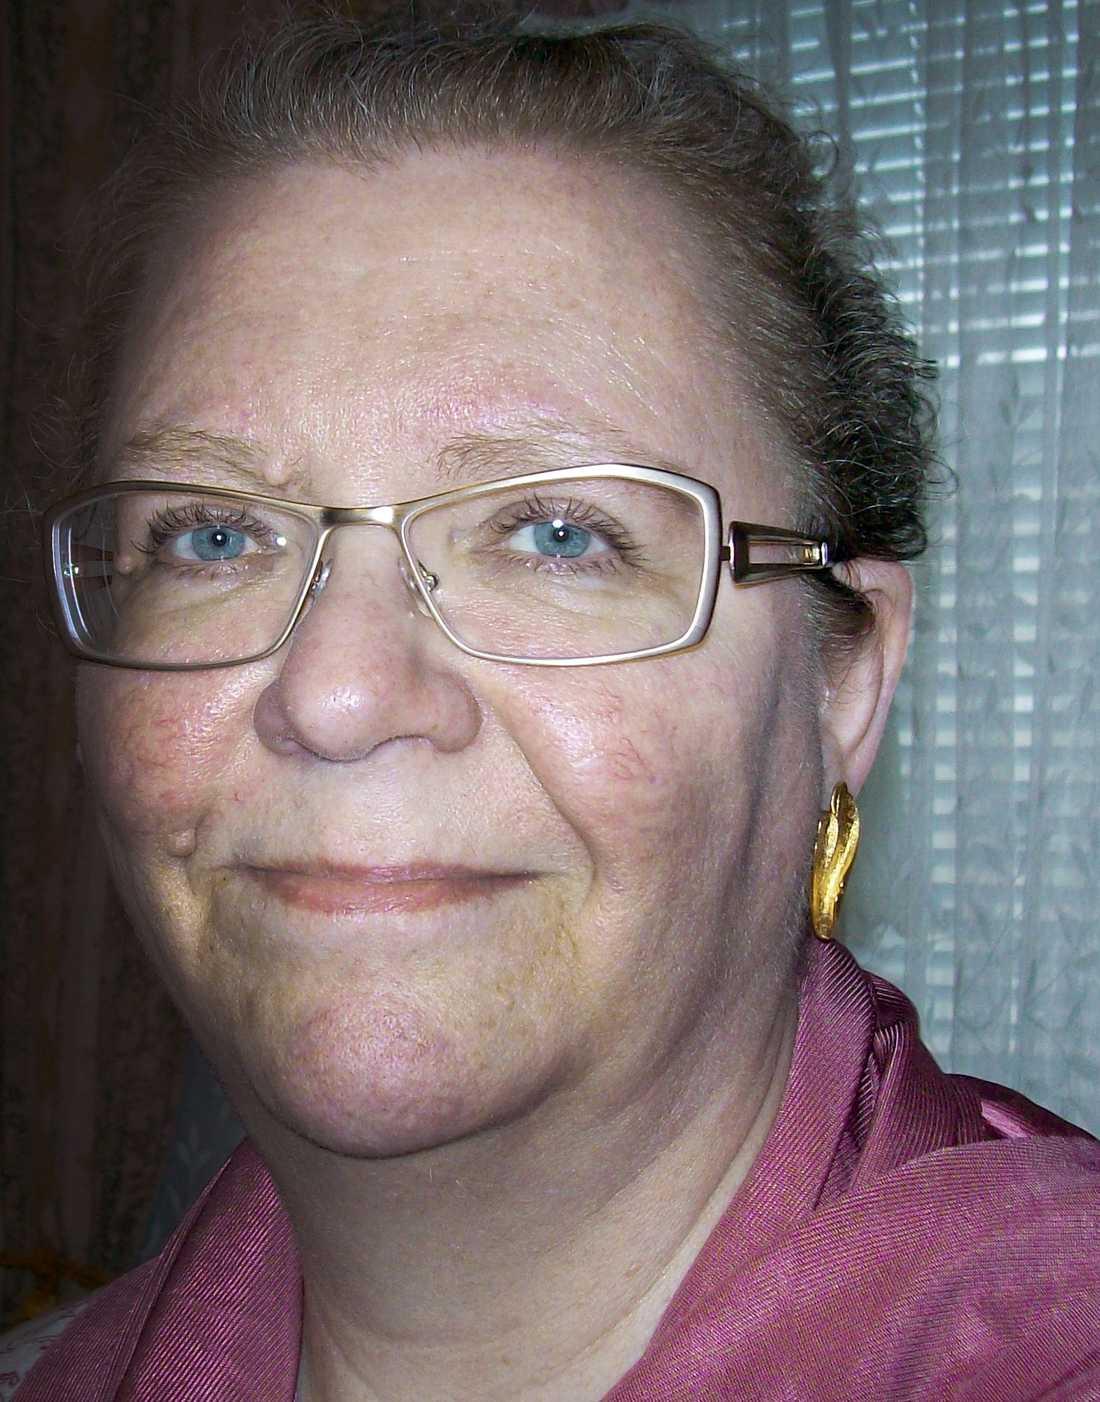 Birgitta Johannesson är doftöverkänslig, vilket gör att hon inte kan leva ett normalt socialt liv.